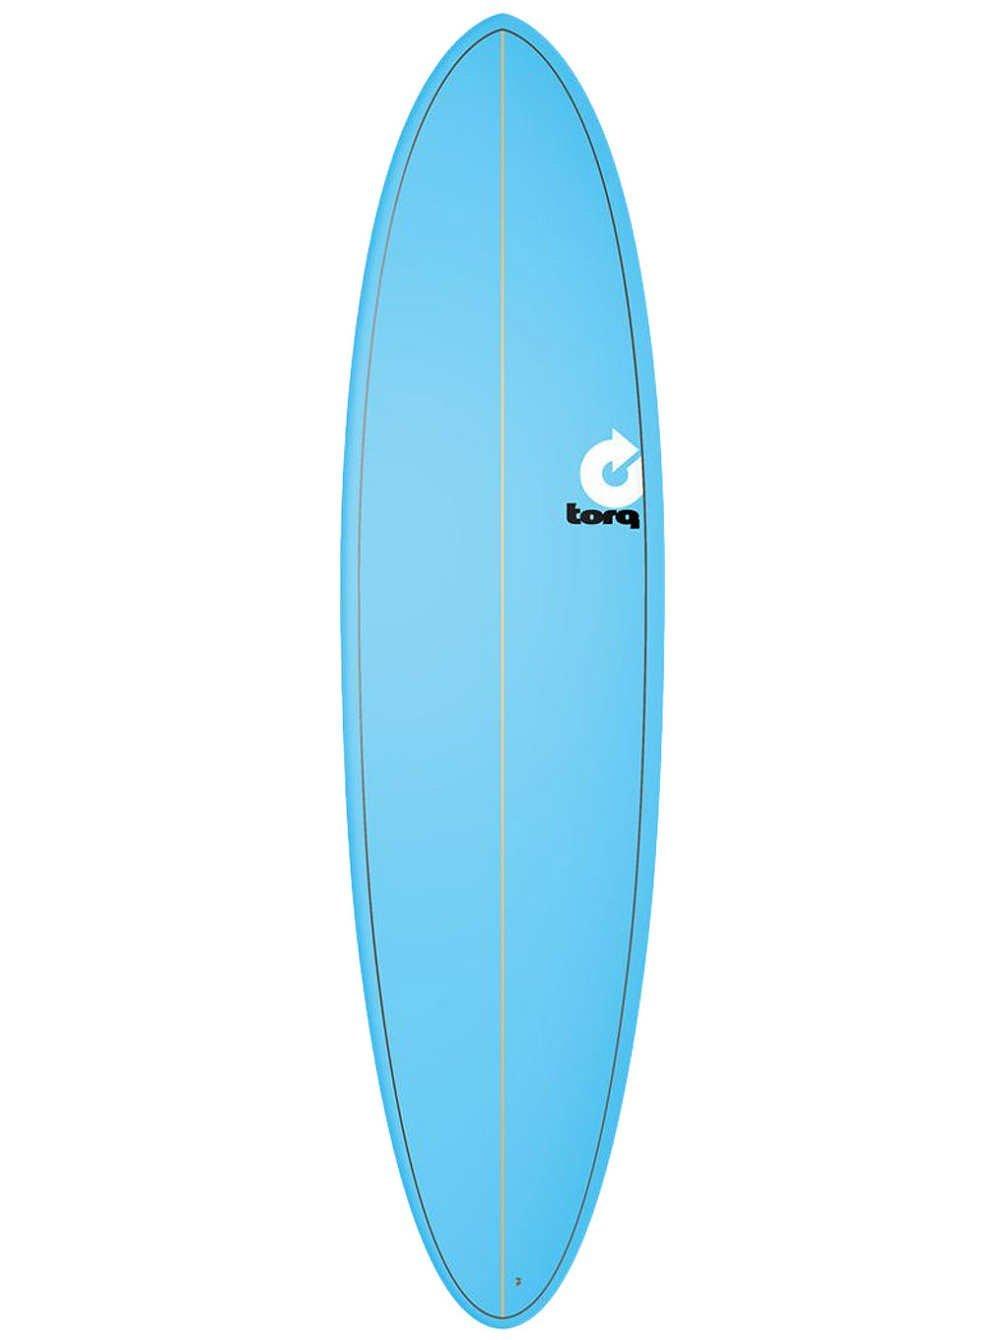 Surfboard Torq Epoxy 7.2 Funboard Blue